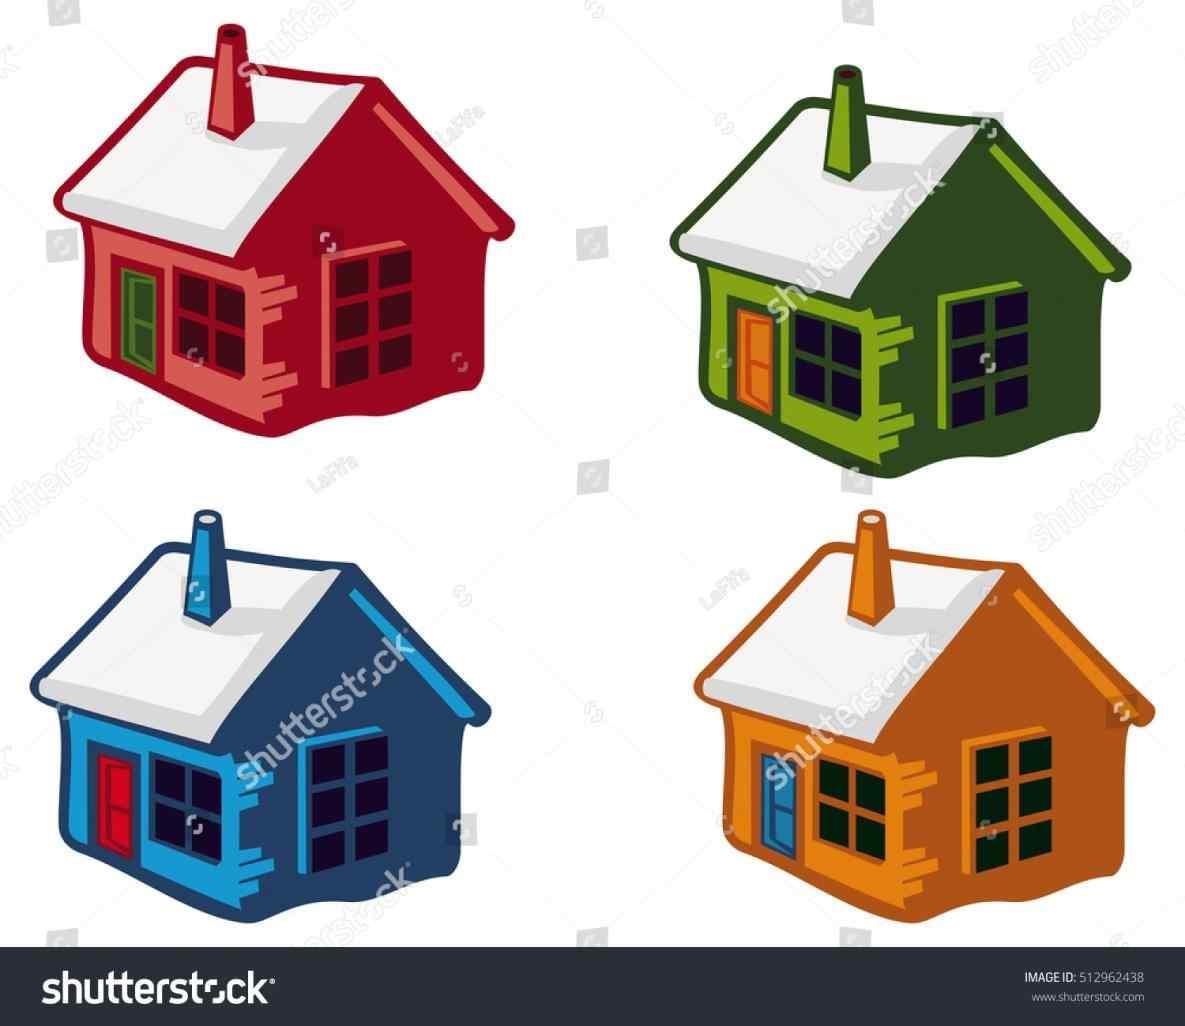 1185x1026 Cute Little House Clipart Wall Maxx